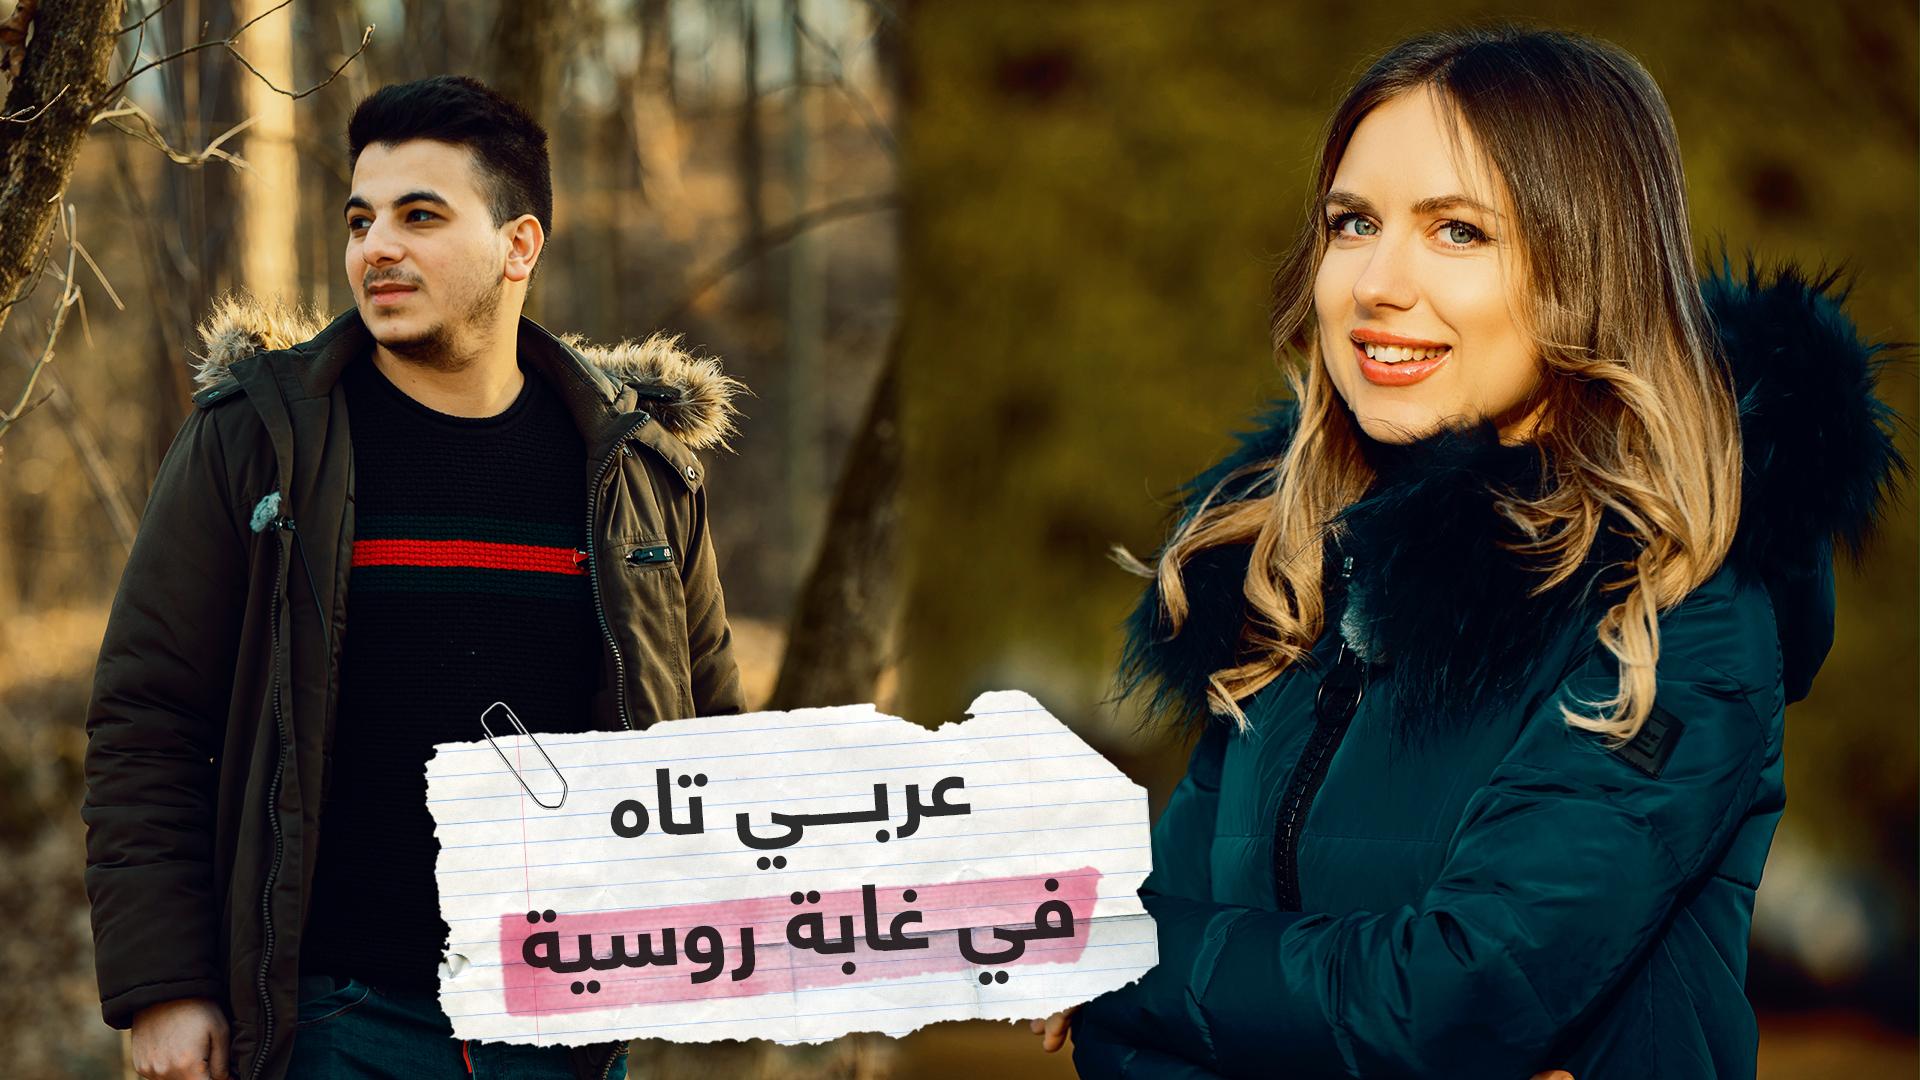 تجربة خطرة لشاب عربي في غابة روسية